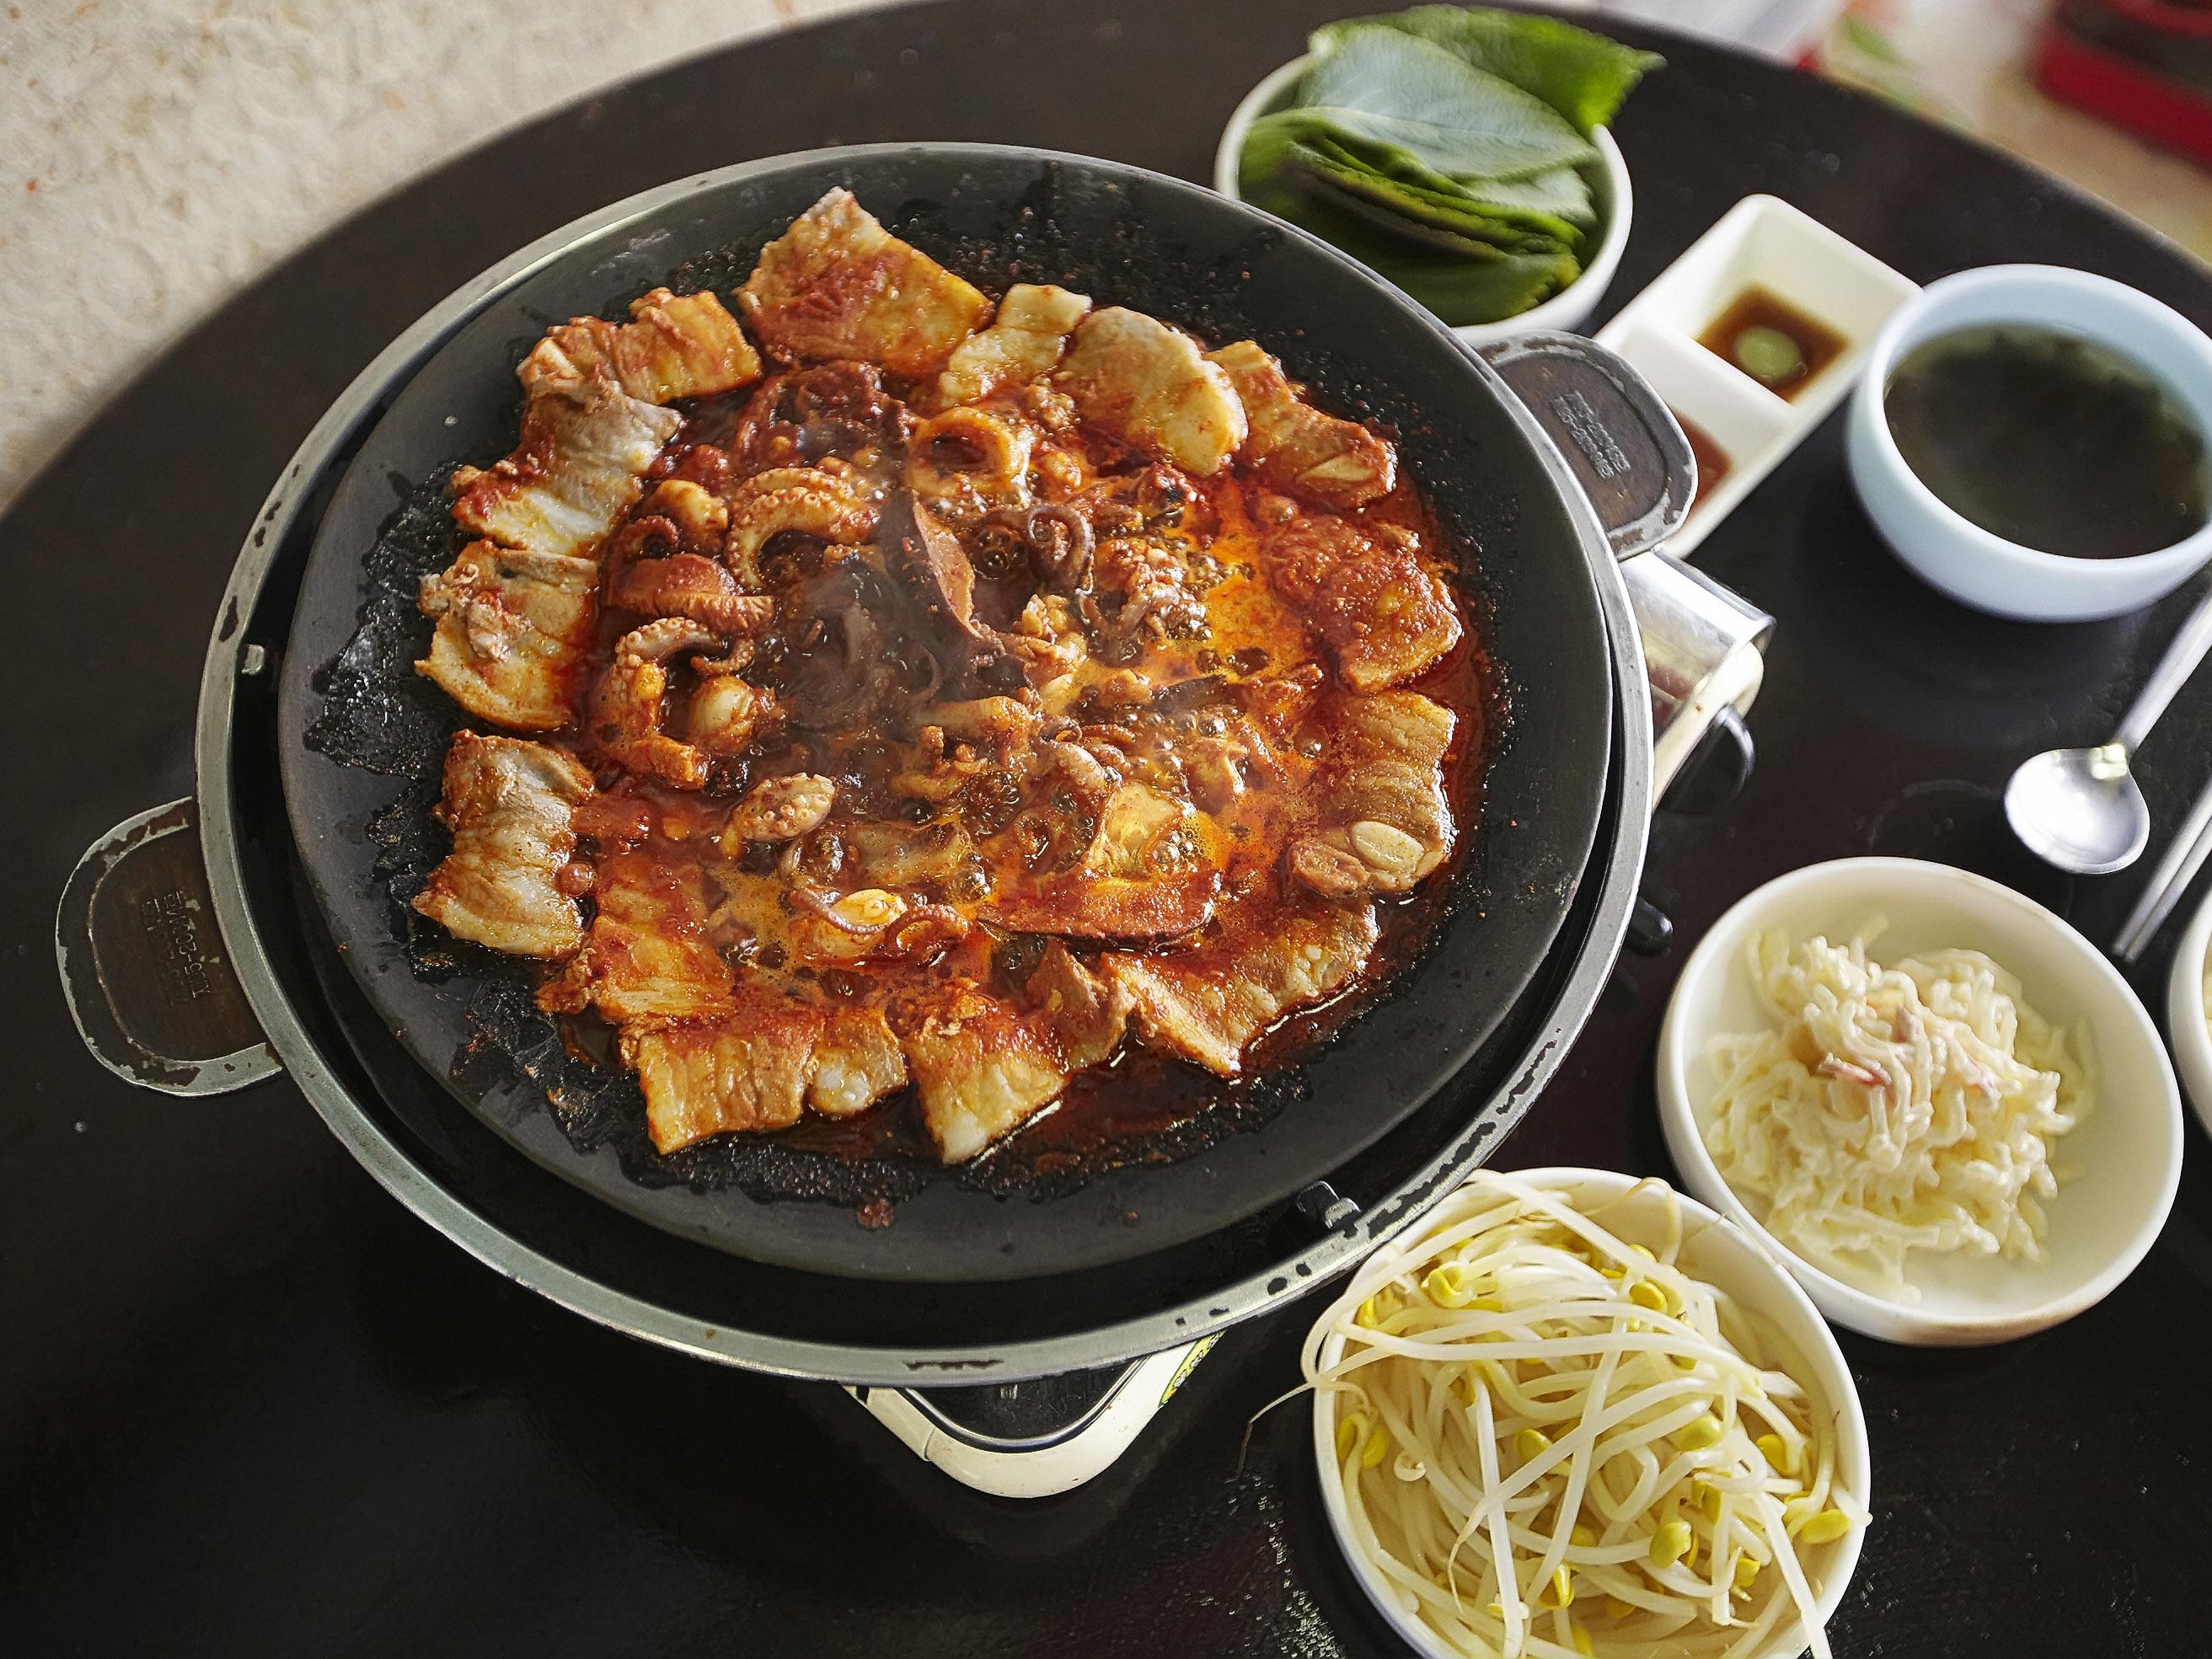 Stir-fried jjukkumi and samgyeopsal | Gyo-dong-jip